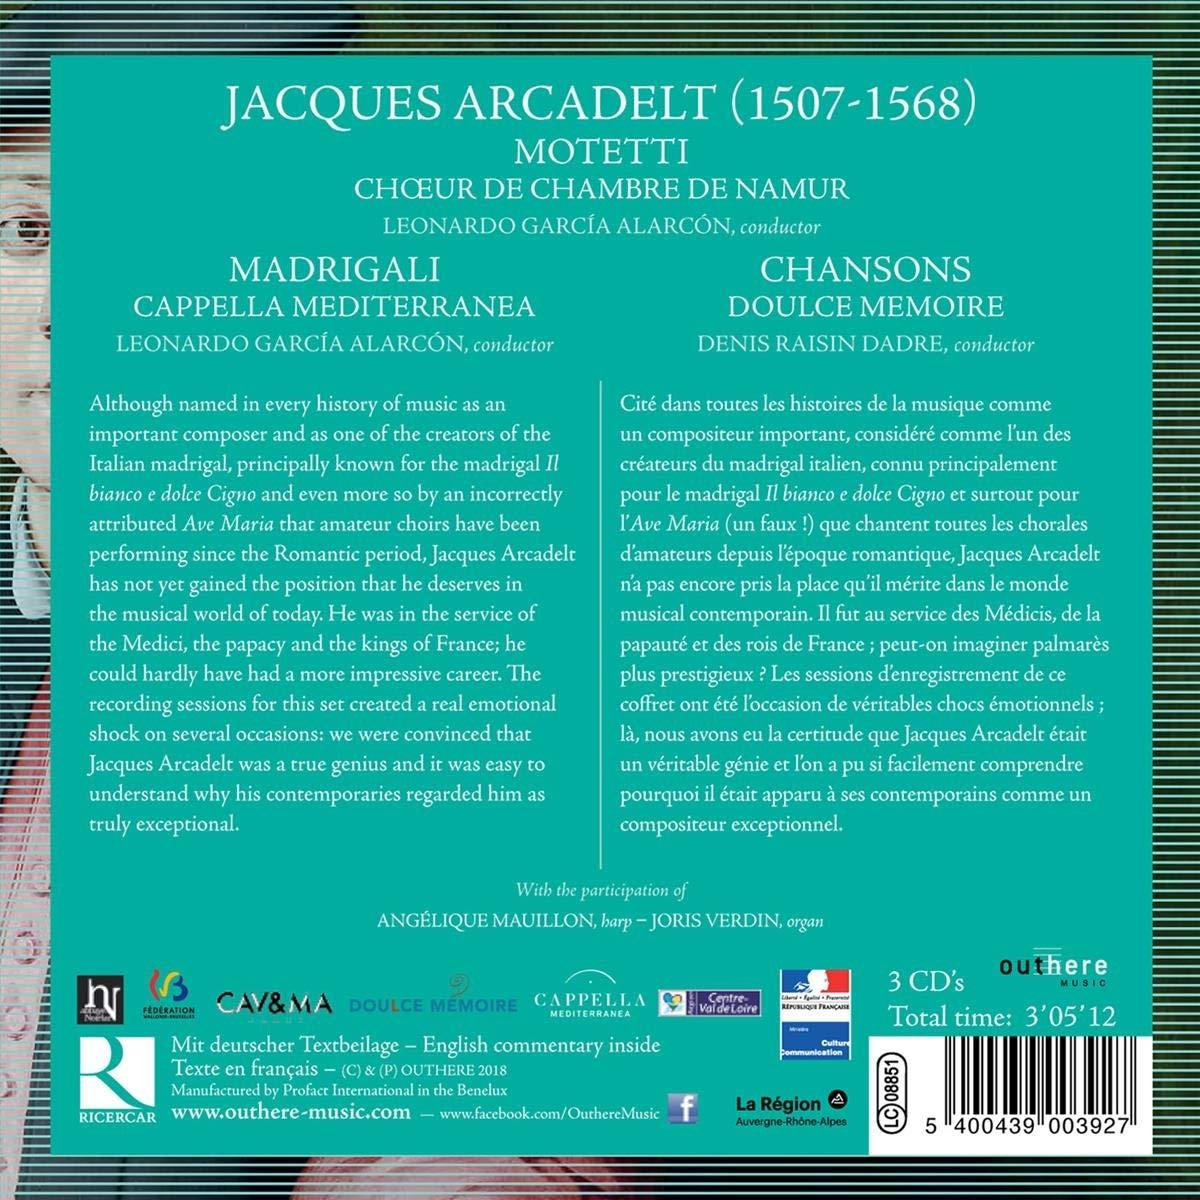 Choeur De Chambre De Namurr Cappella Mediterranea Doulce Memoire Jacques Arcadelt Motteti Madrigali Chansons Amazon Com Music